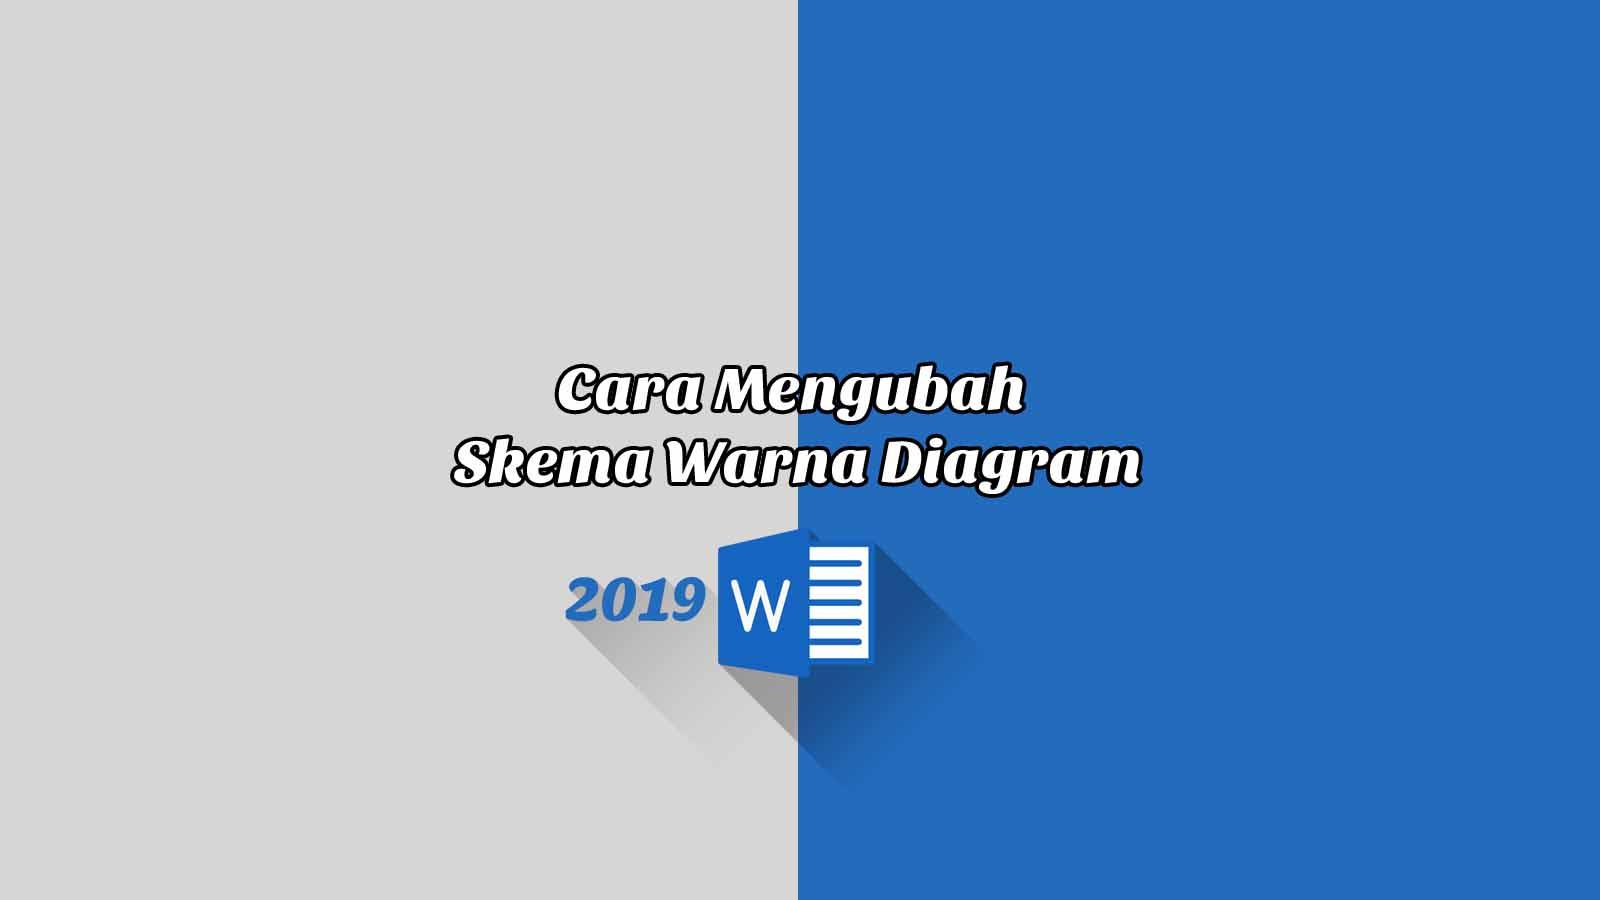 Cara Mengubah Skema Warna Diagram - Word 2019